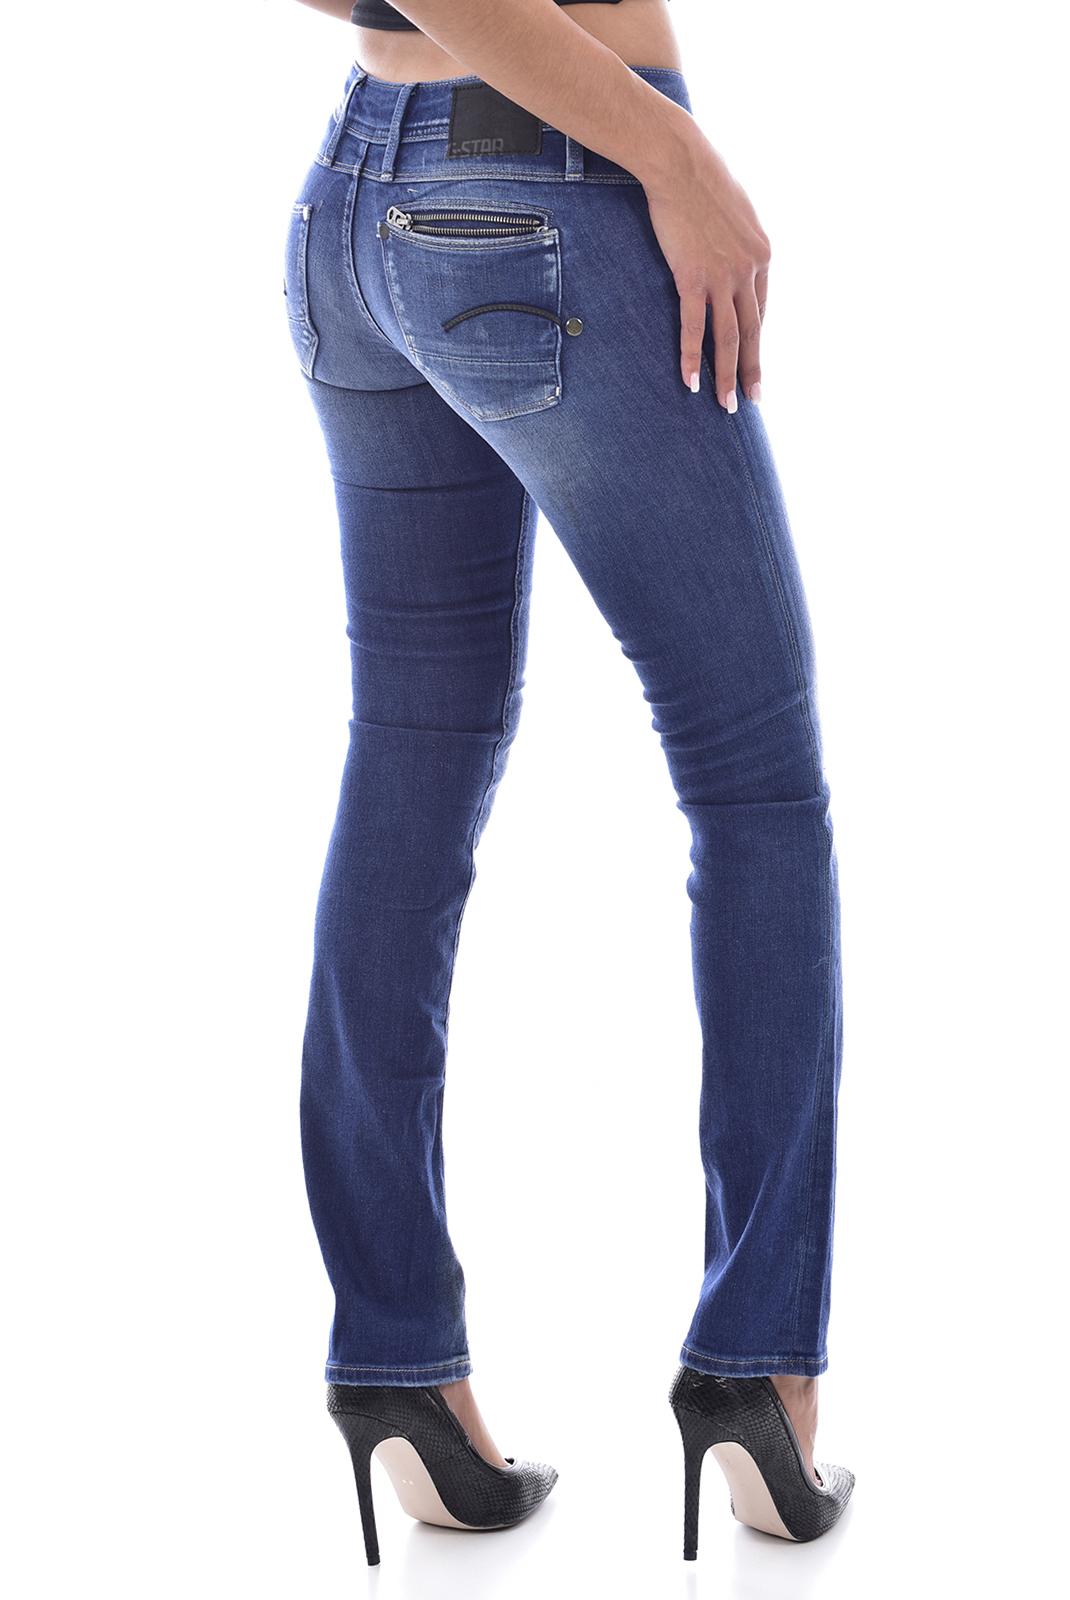 Jeans   G-star 60583.4664.071 attacc BLEU